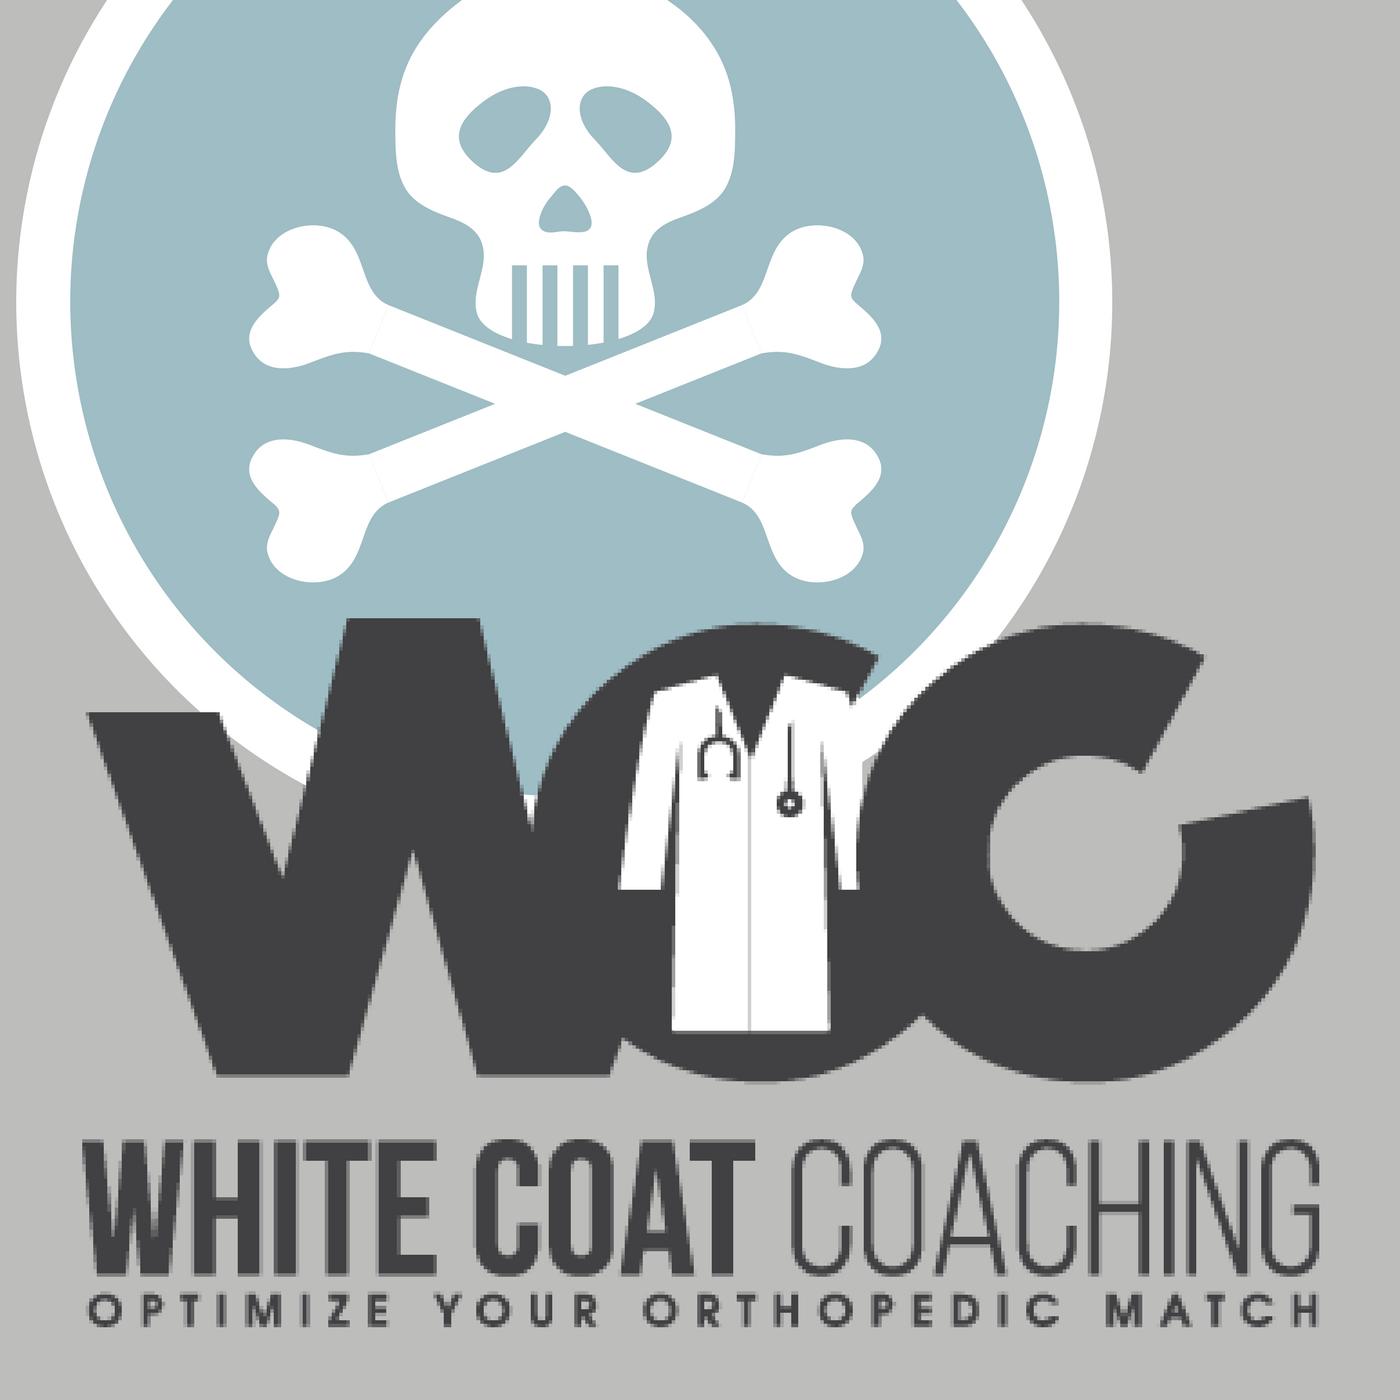 White Coat Coaching | The Orthopedic Podcast podcast show image